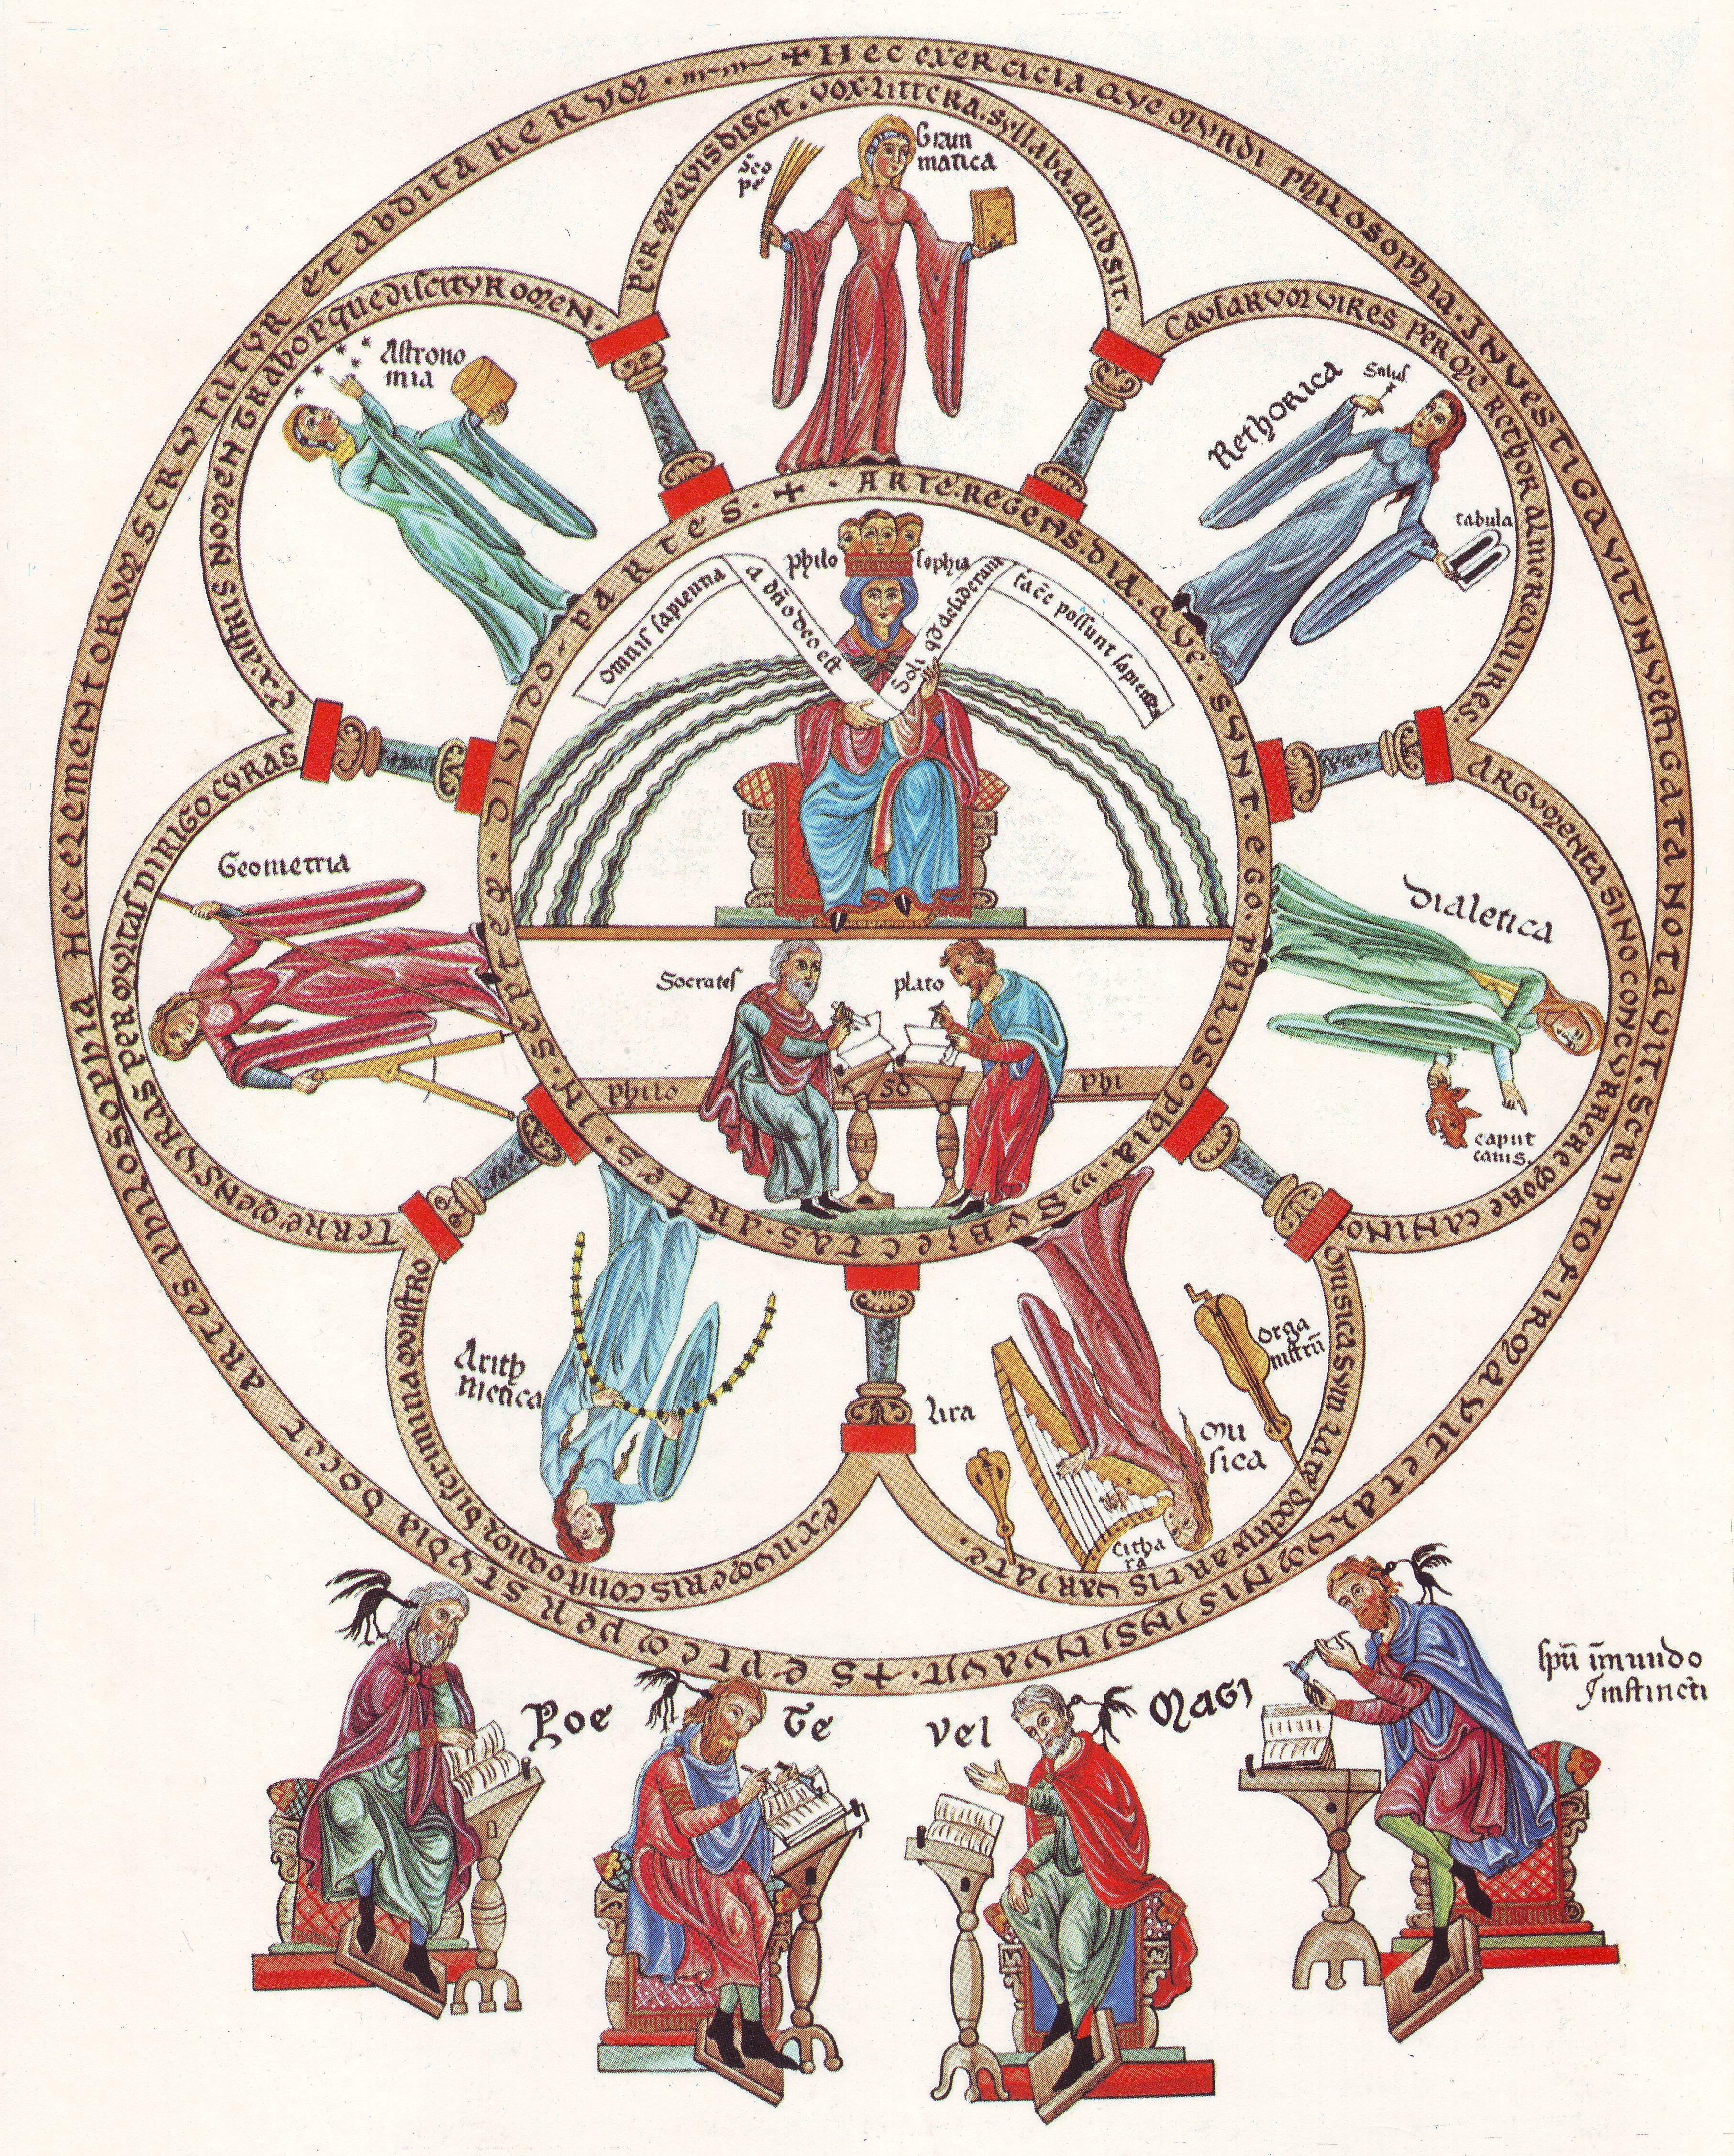 ▲「哲学と自由七科」の図